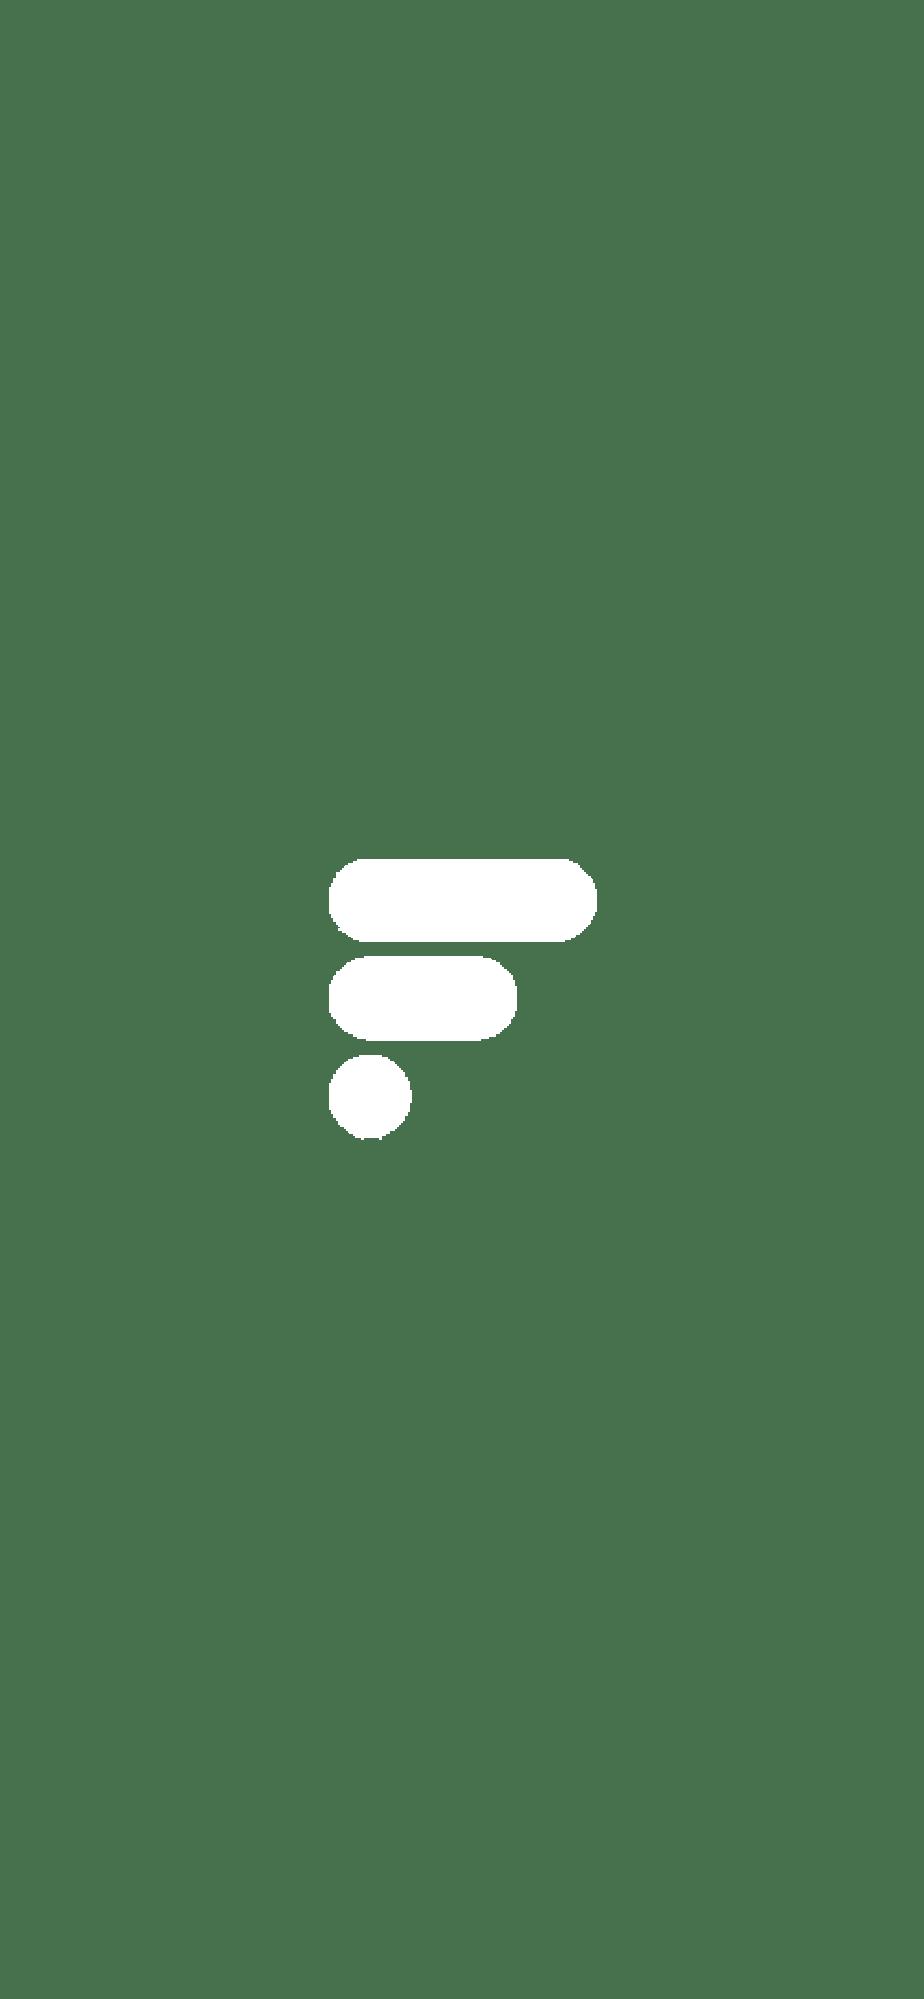 Pixel4a_wallpaper_9